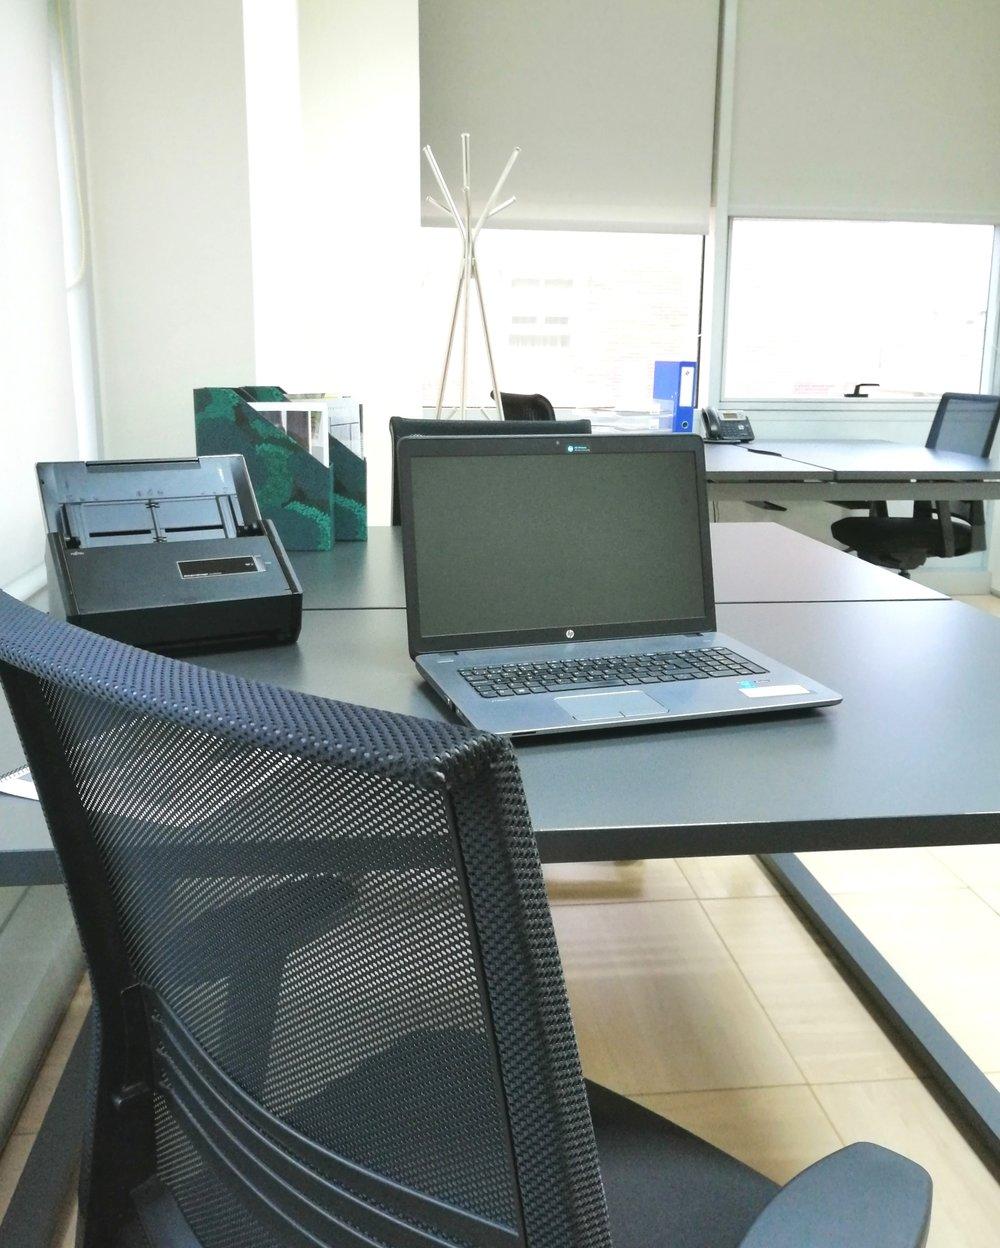 ESPACIOS DEOFICINA - —Gestiona tu negocio en nuestra amplia variedad de oficinas flexibles adaptadas a tus necesidades.DESDE 190€/MES